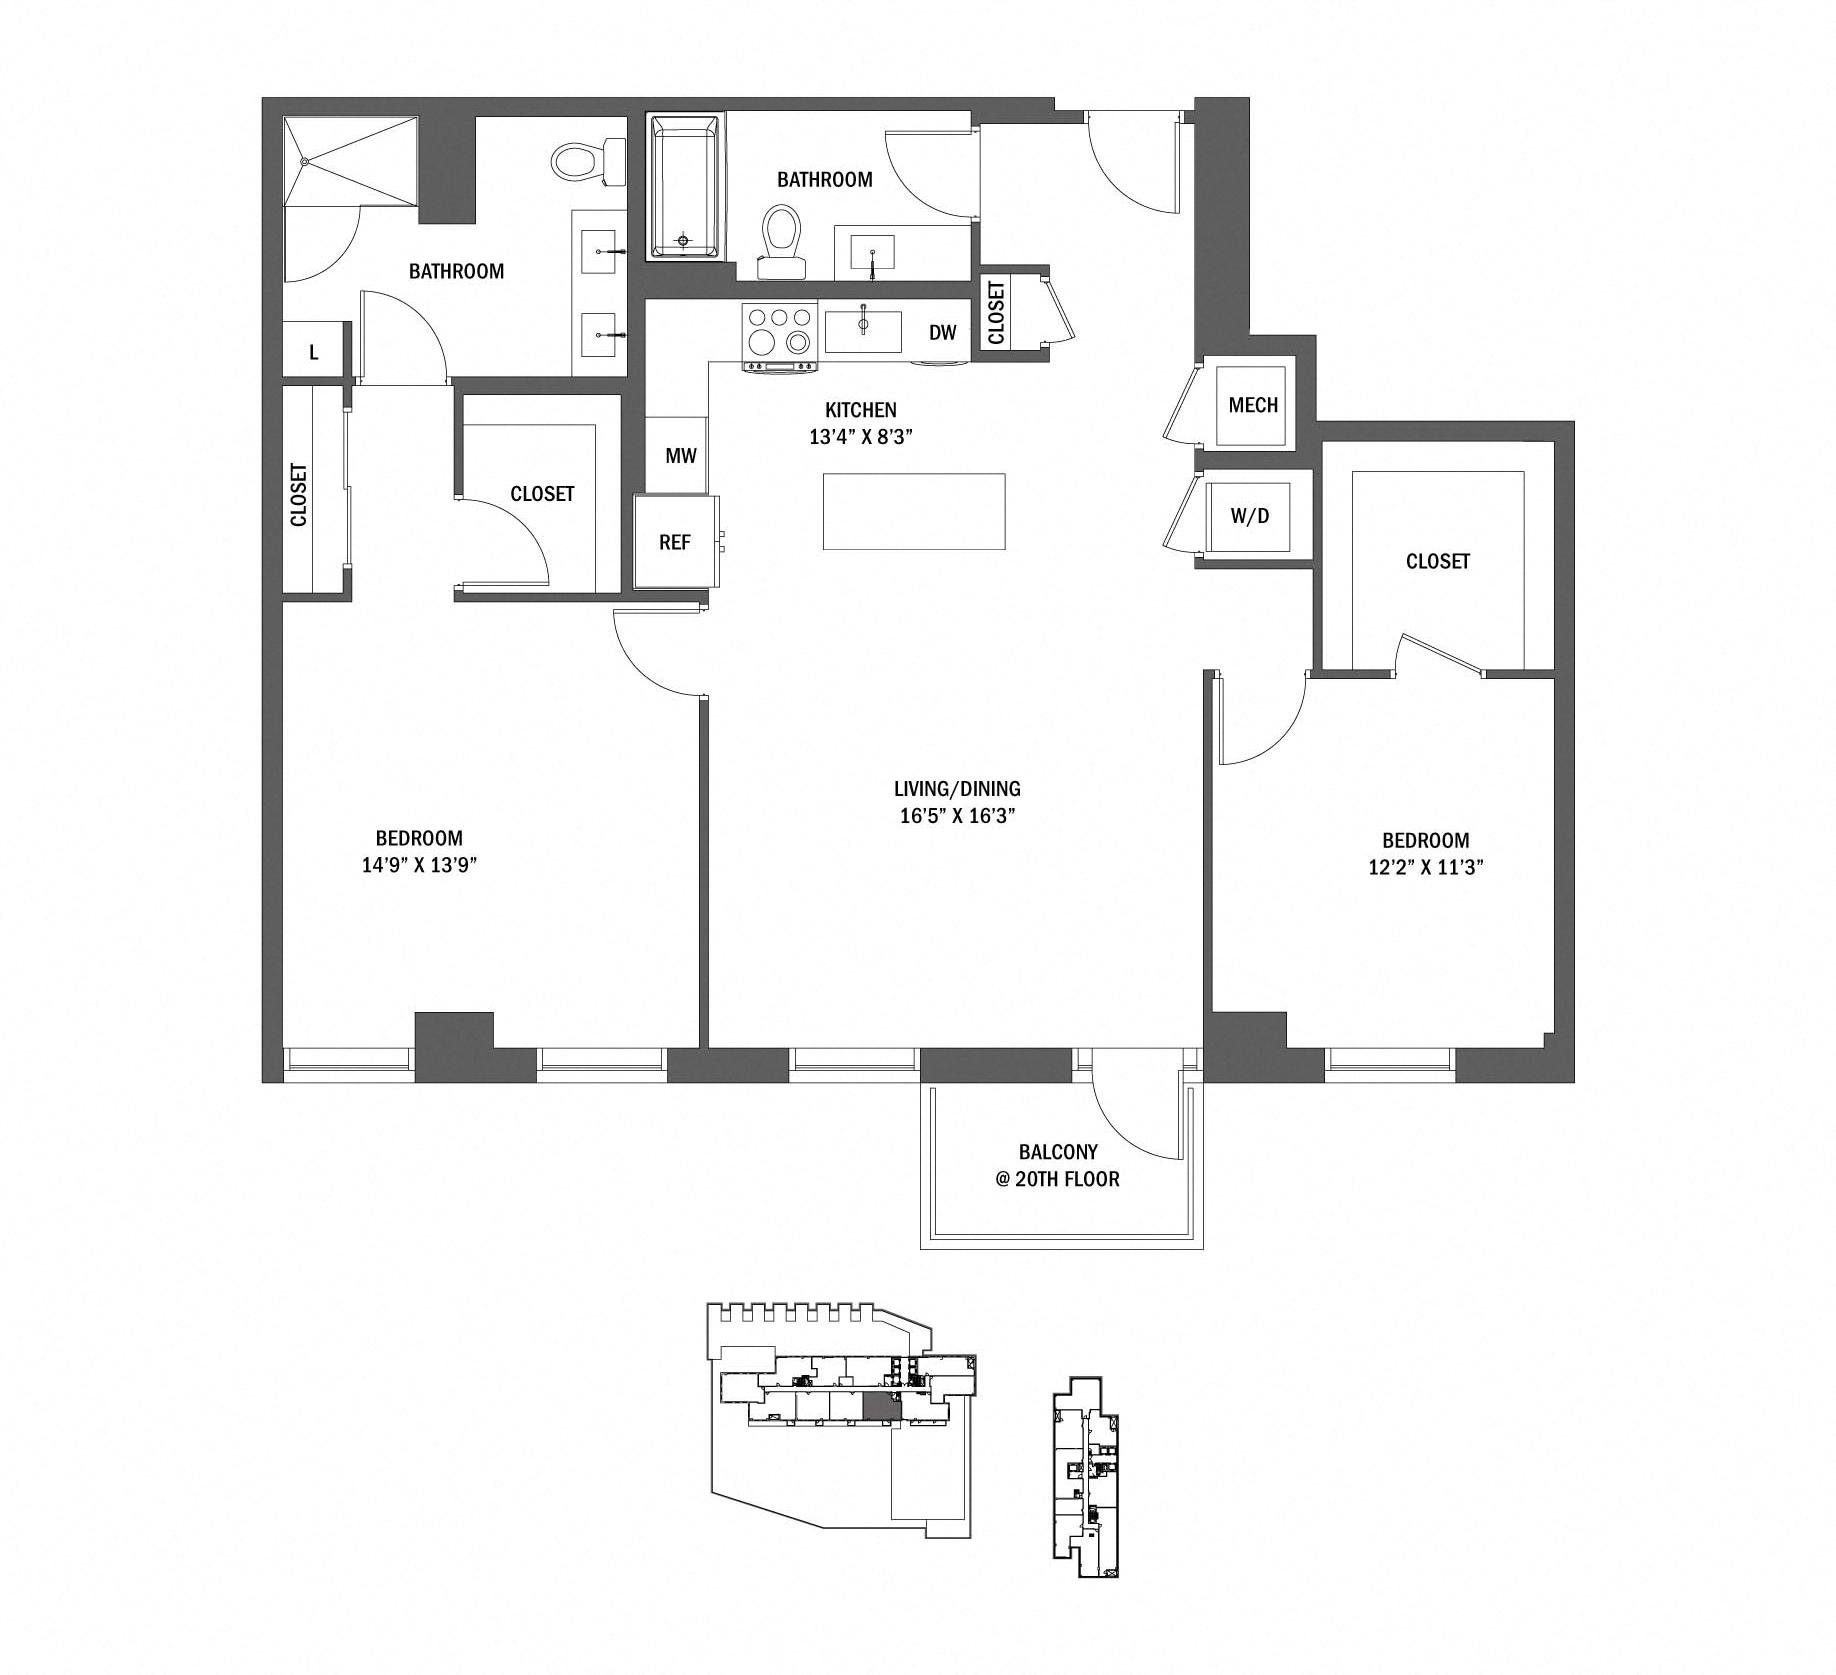 P0625338 w12 p 2 floorplan